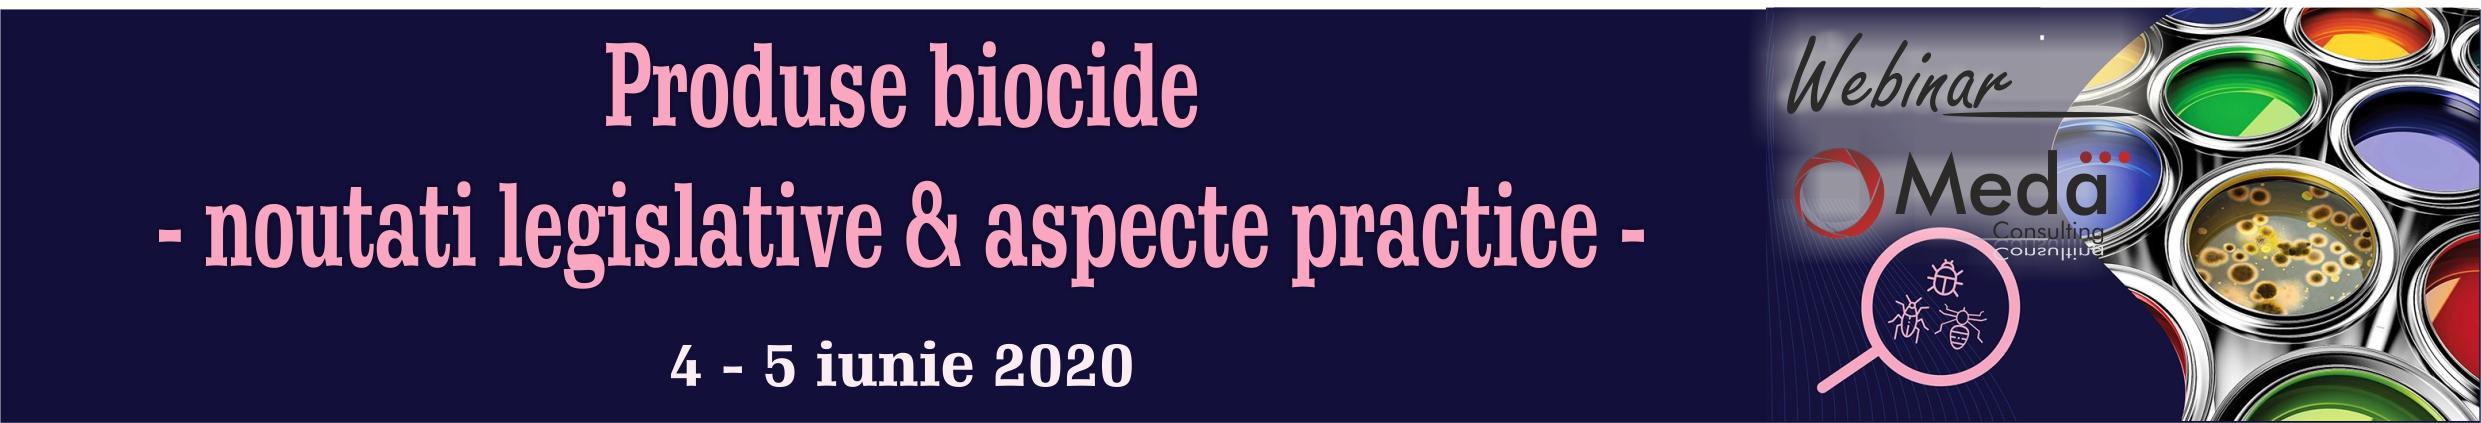 produsele biocide - noutati legislative & aspecte practice